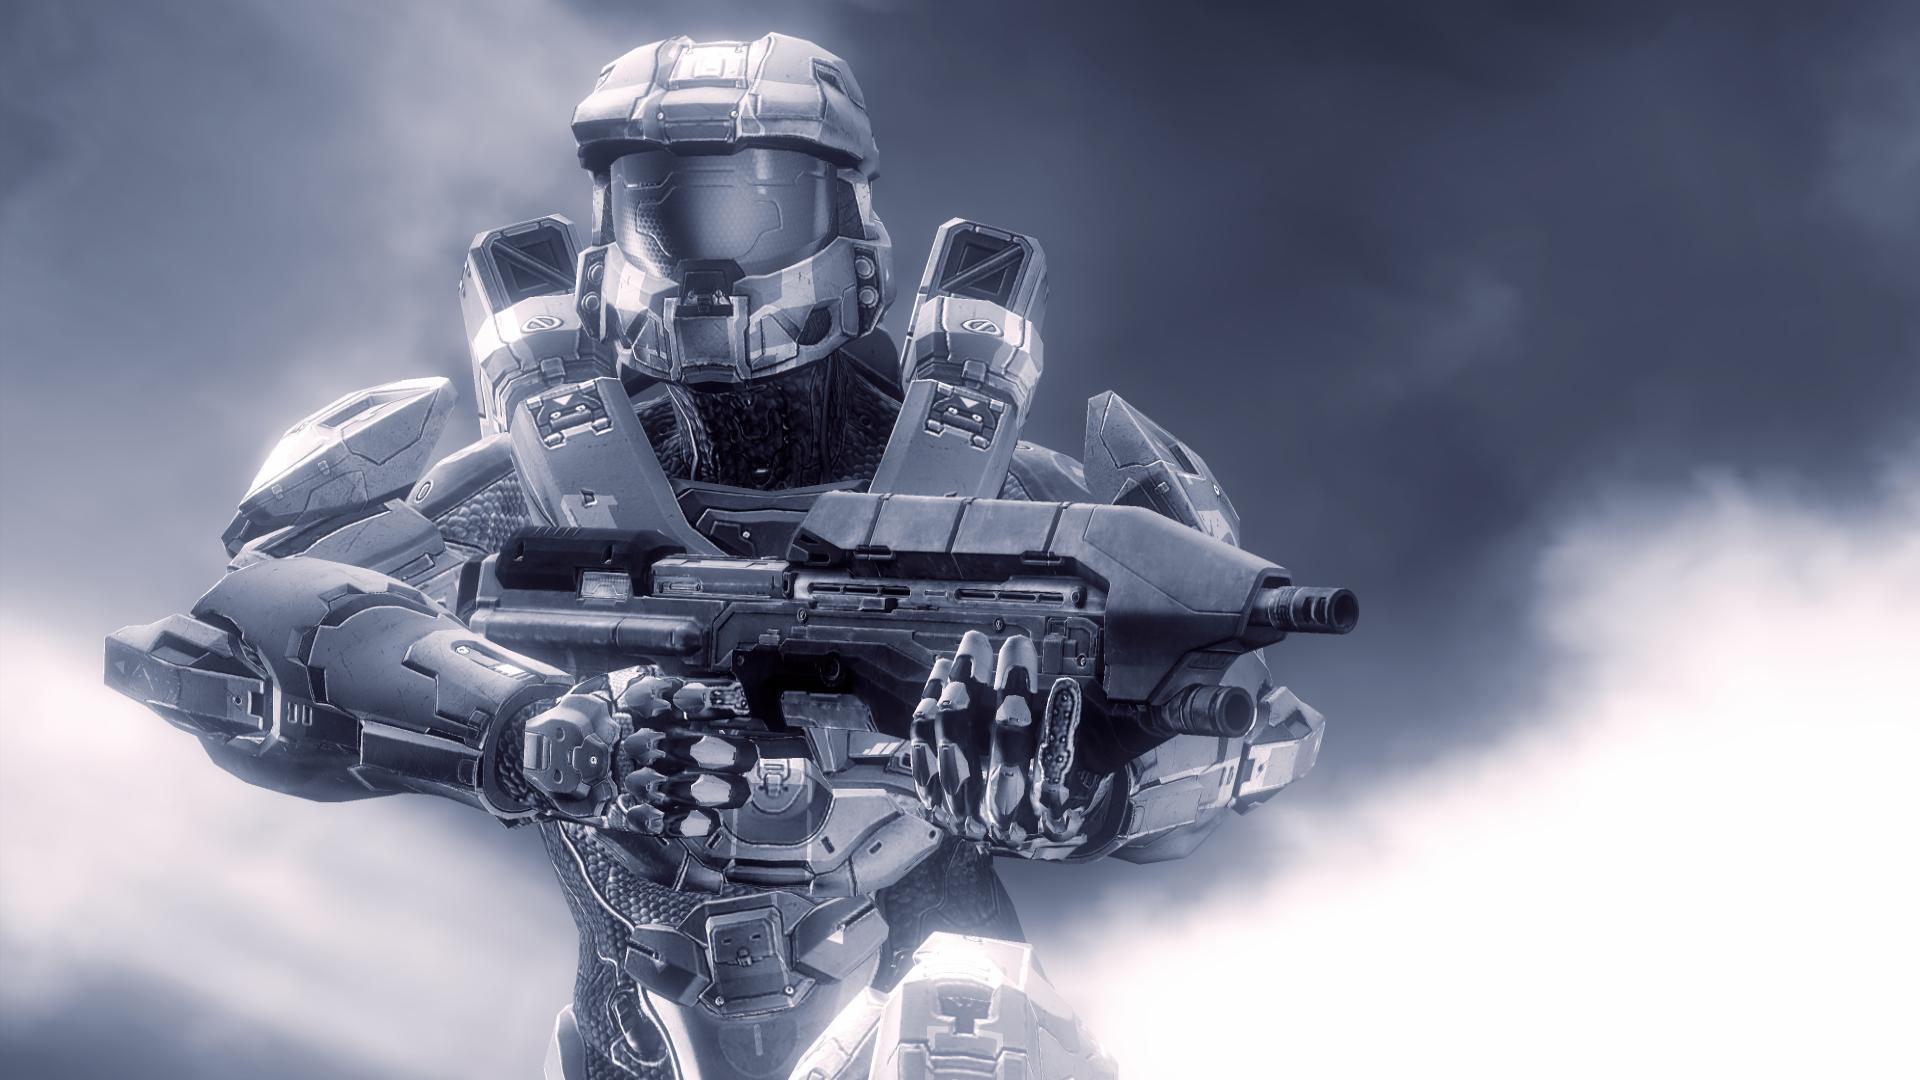 Wallpapers Fond D Ecran Pour Halo 4 Xbox 360 2012